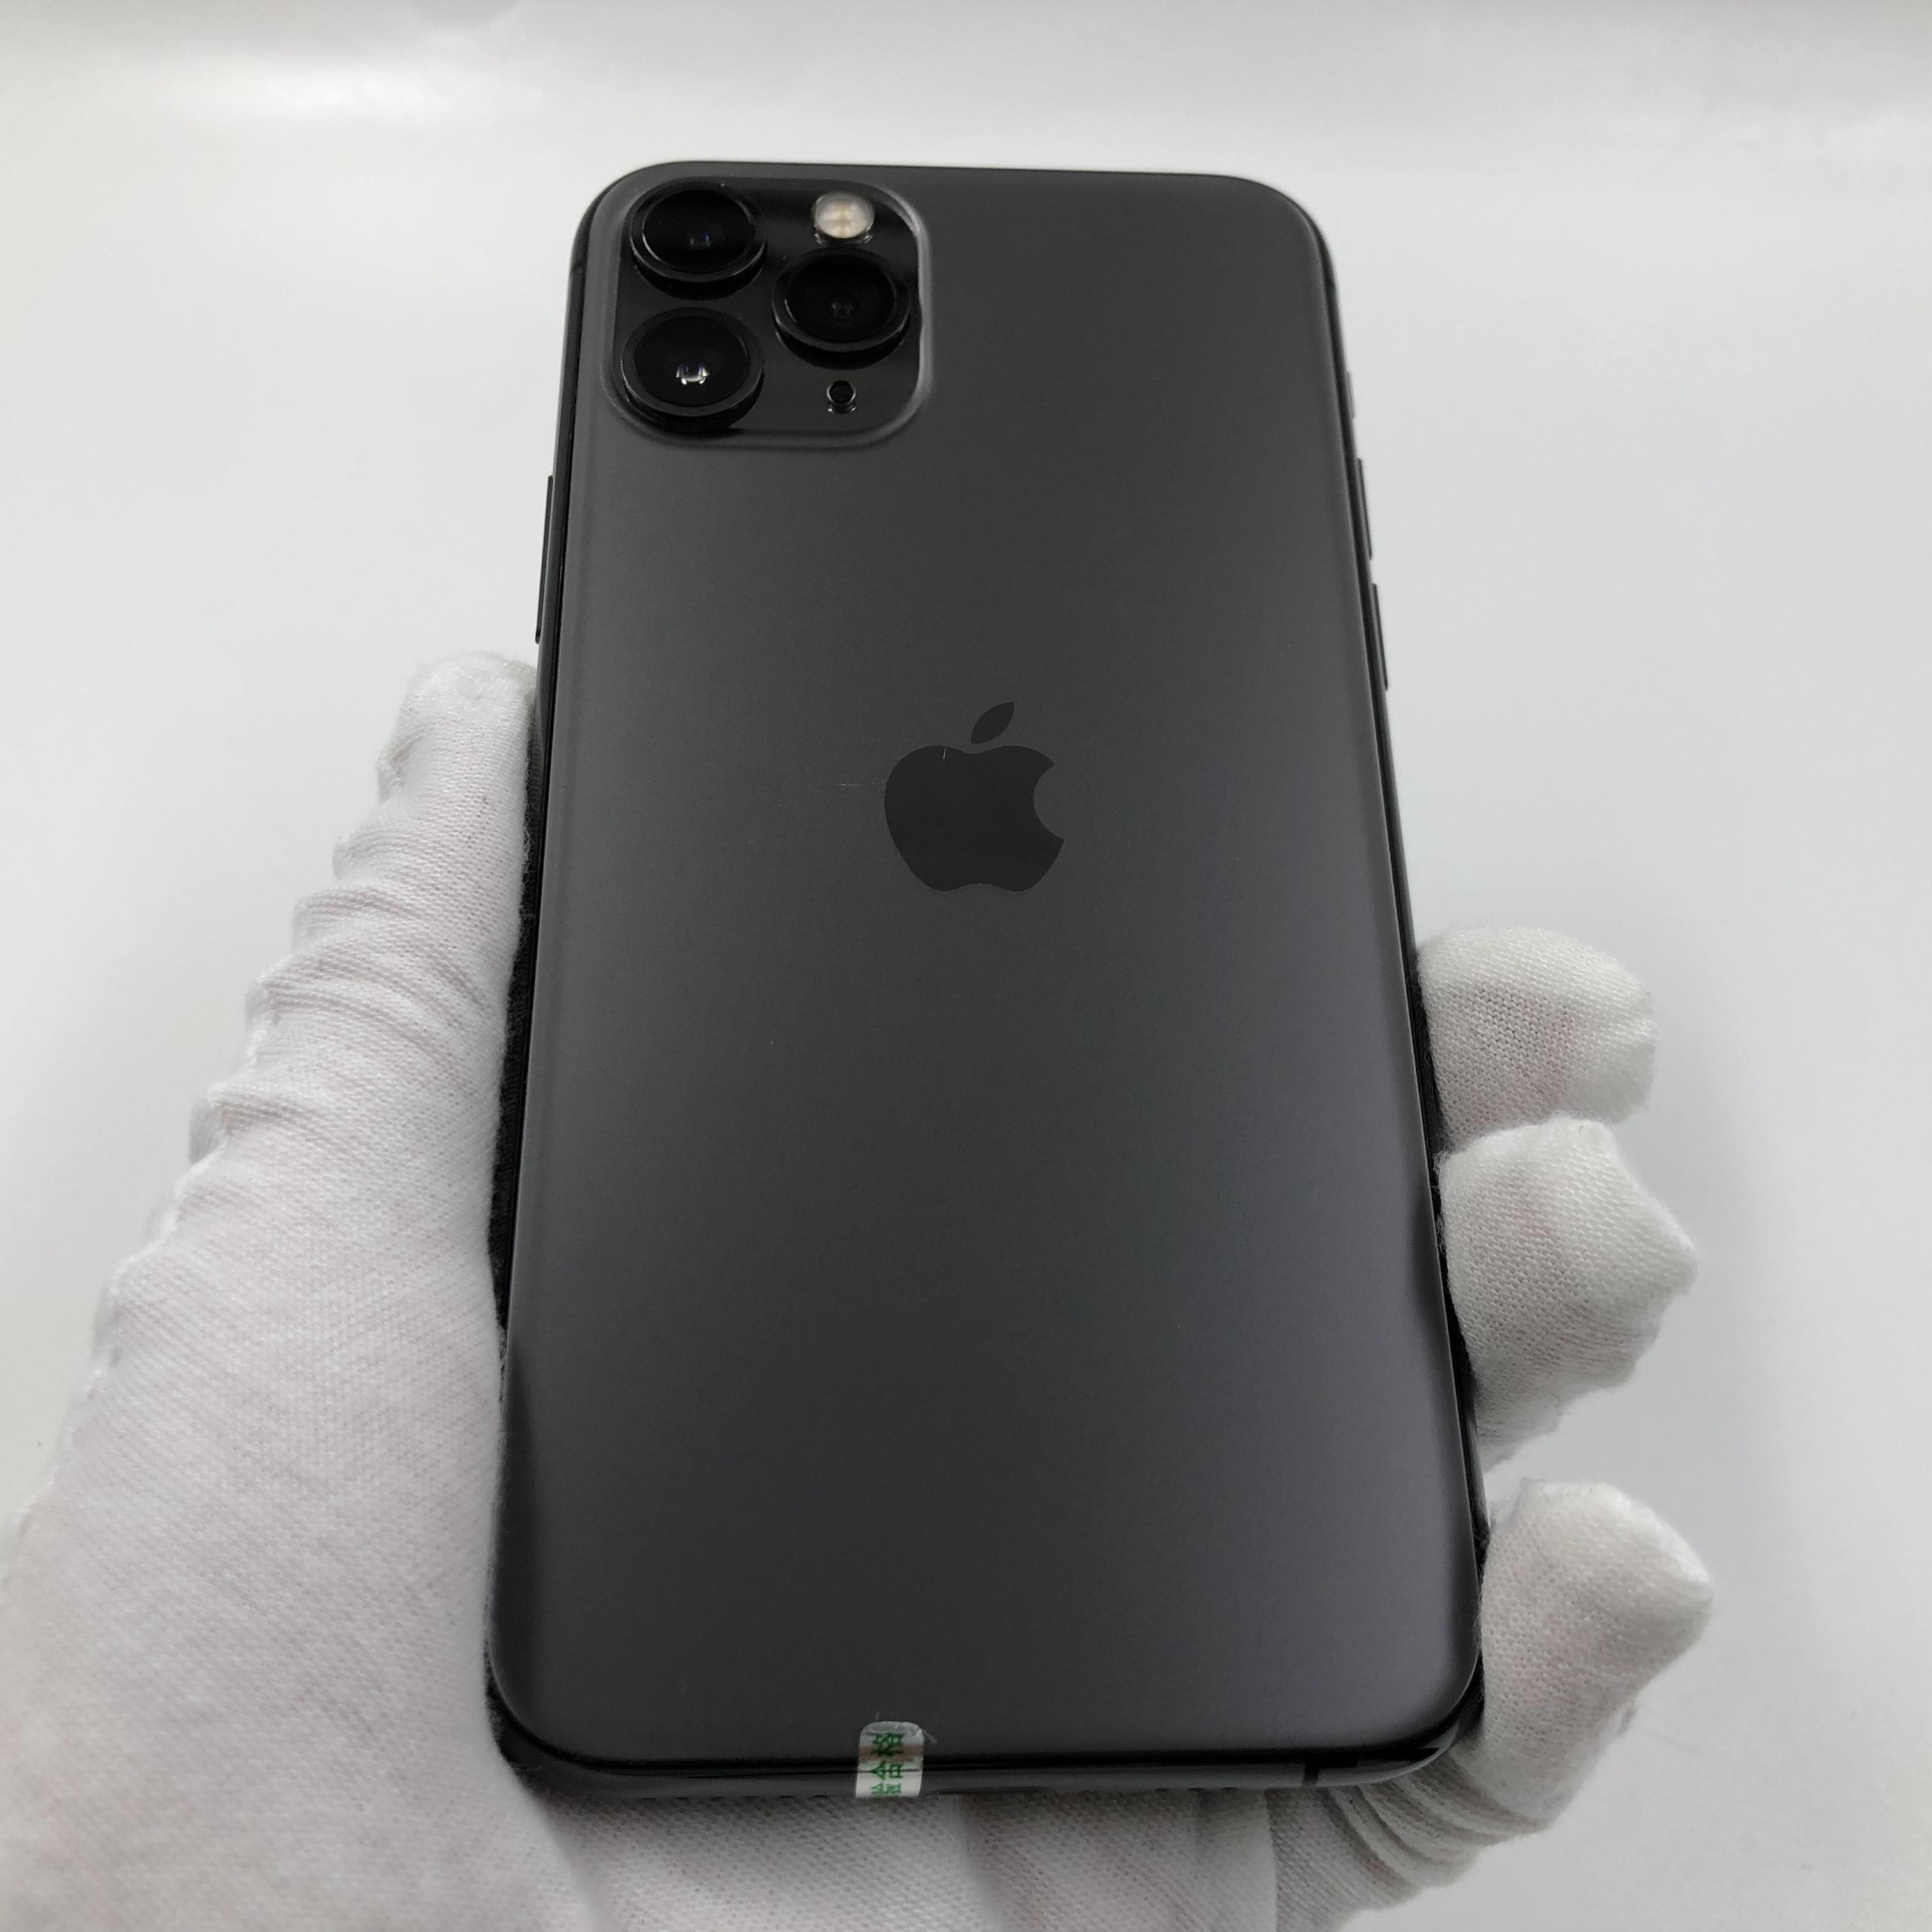 苹果【iPhone 11 Pro】4G全网通 深空灰 64G 国行 95新 真机实拍